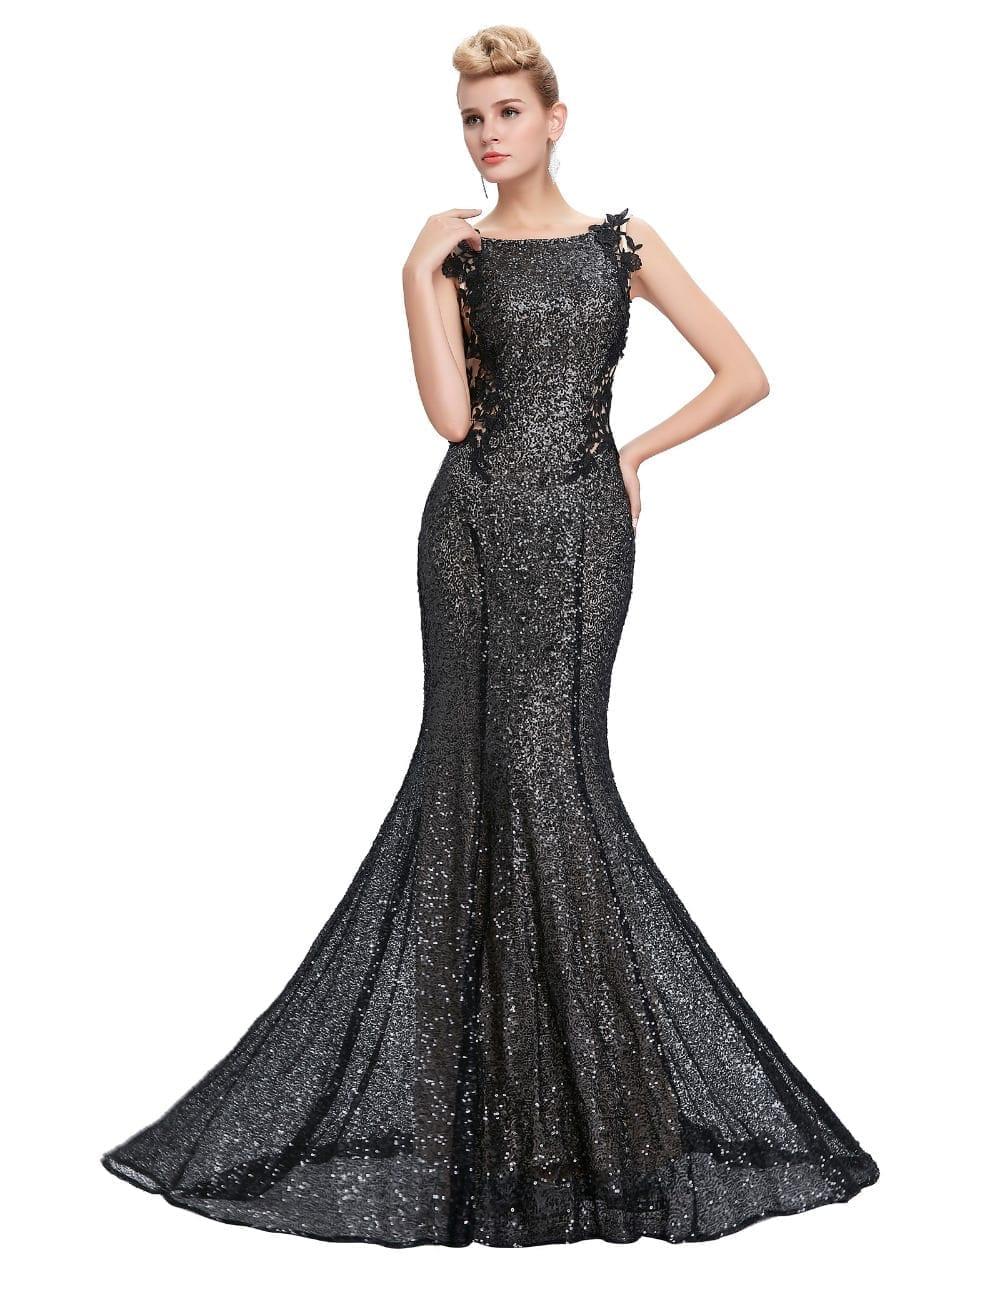 c90c95baa0d3 Sequin Long Mermaid Bridesmaid Dress - Uniqistic.com